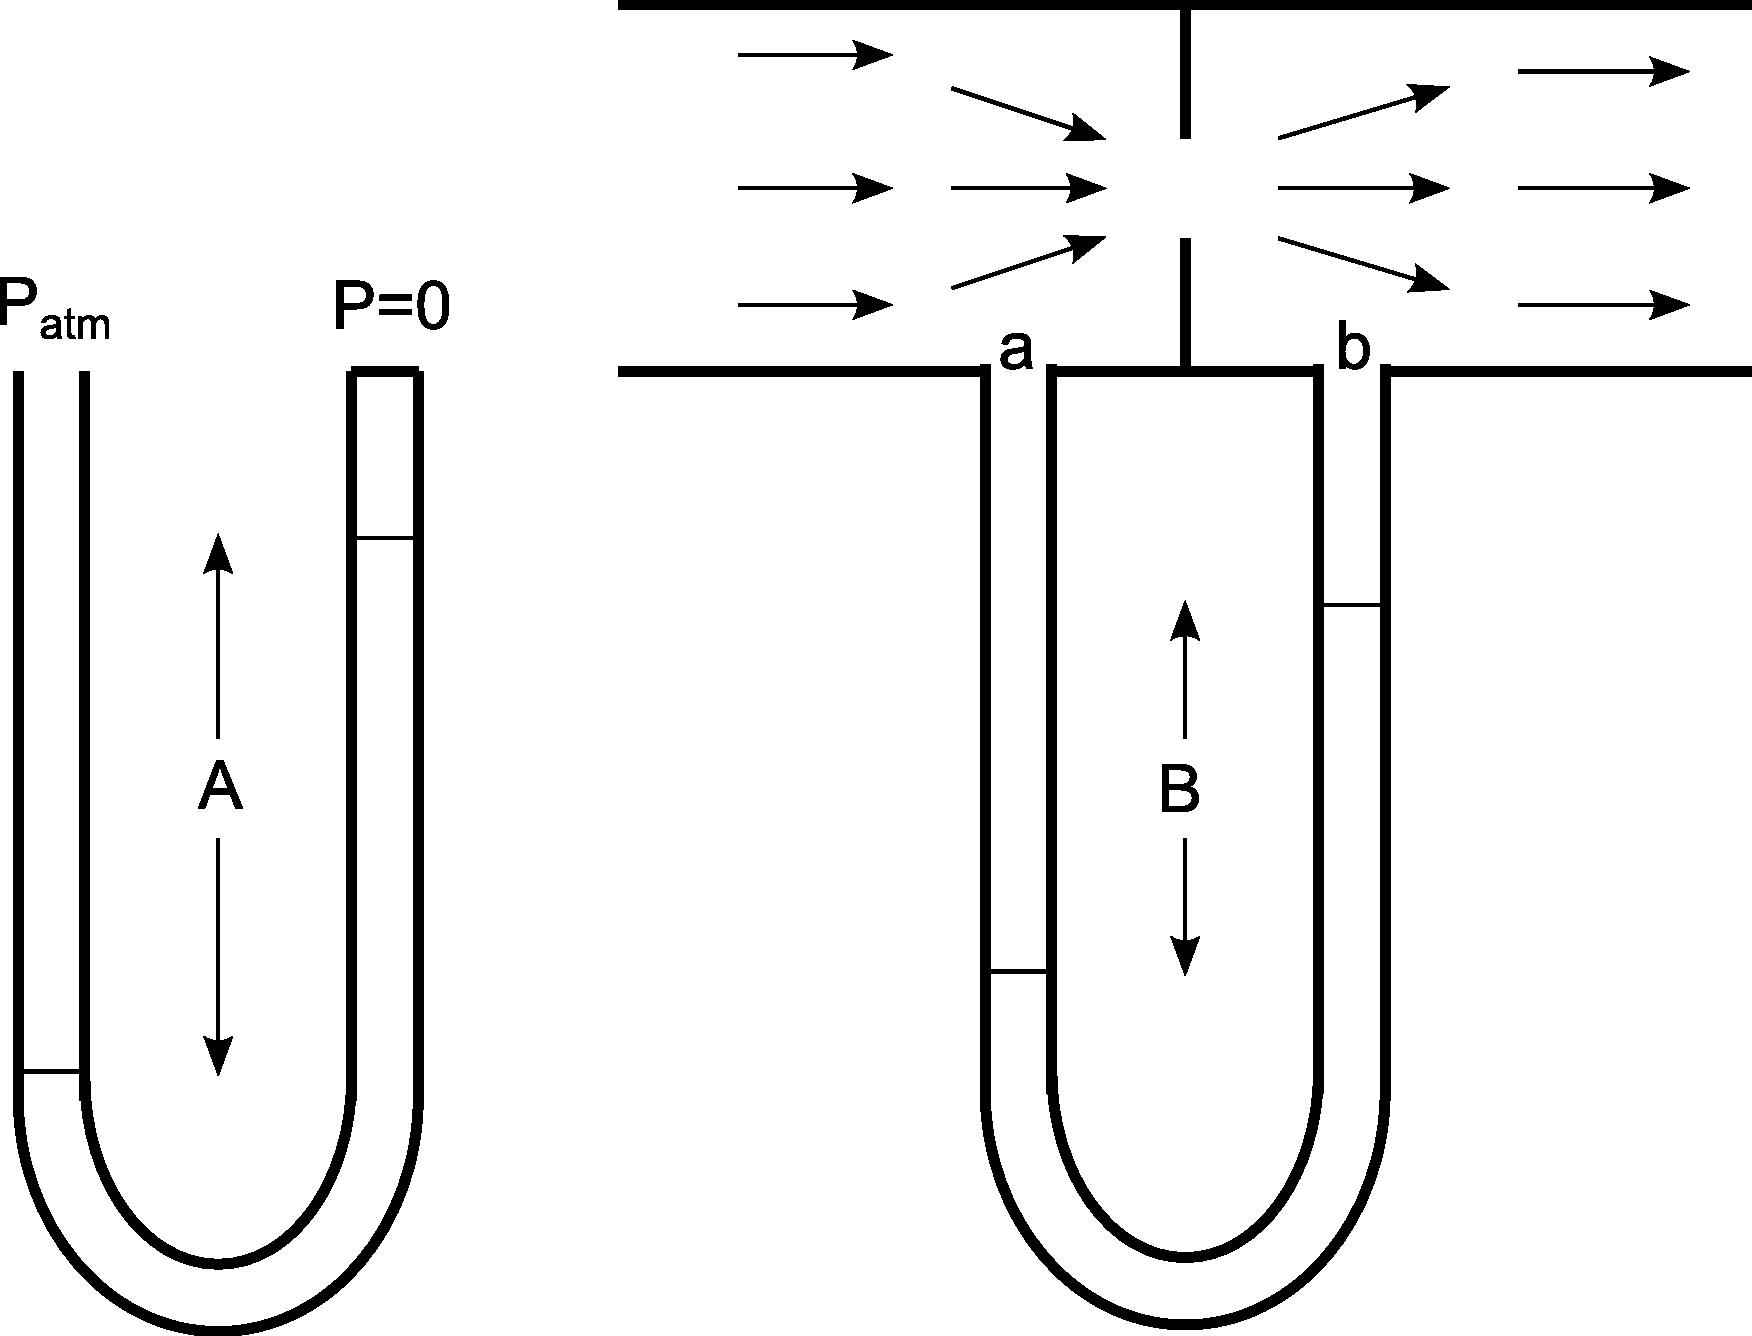 atm P=0